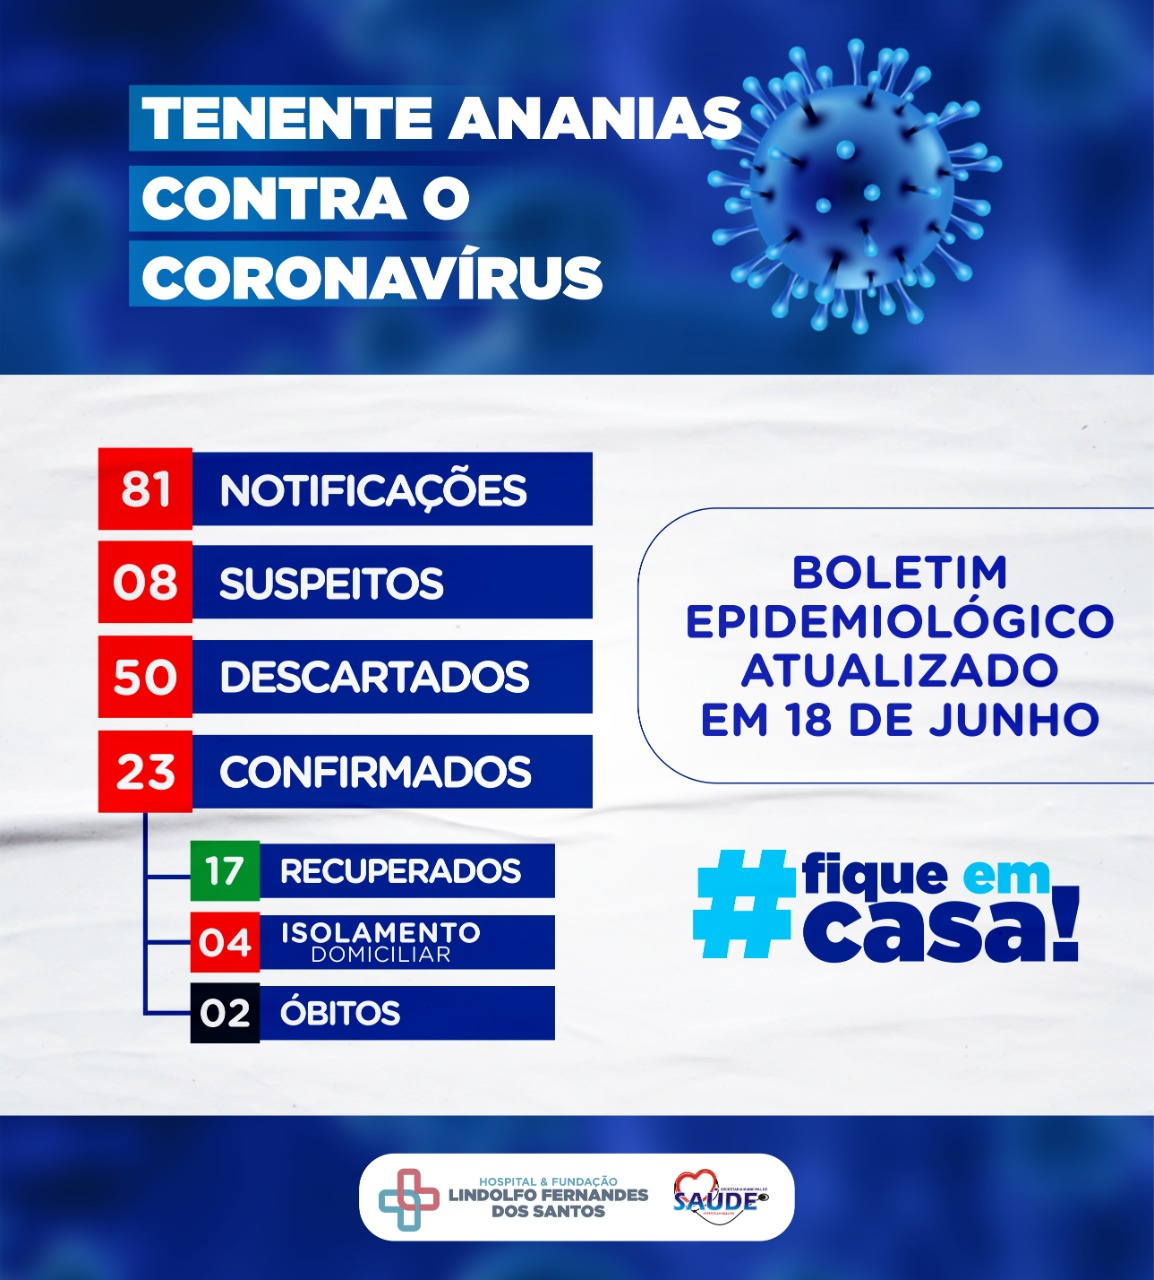 Boletim Epidemiológico, atualizado em 18 de junho de 2020